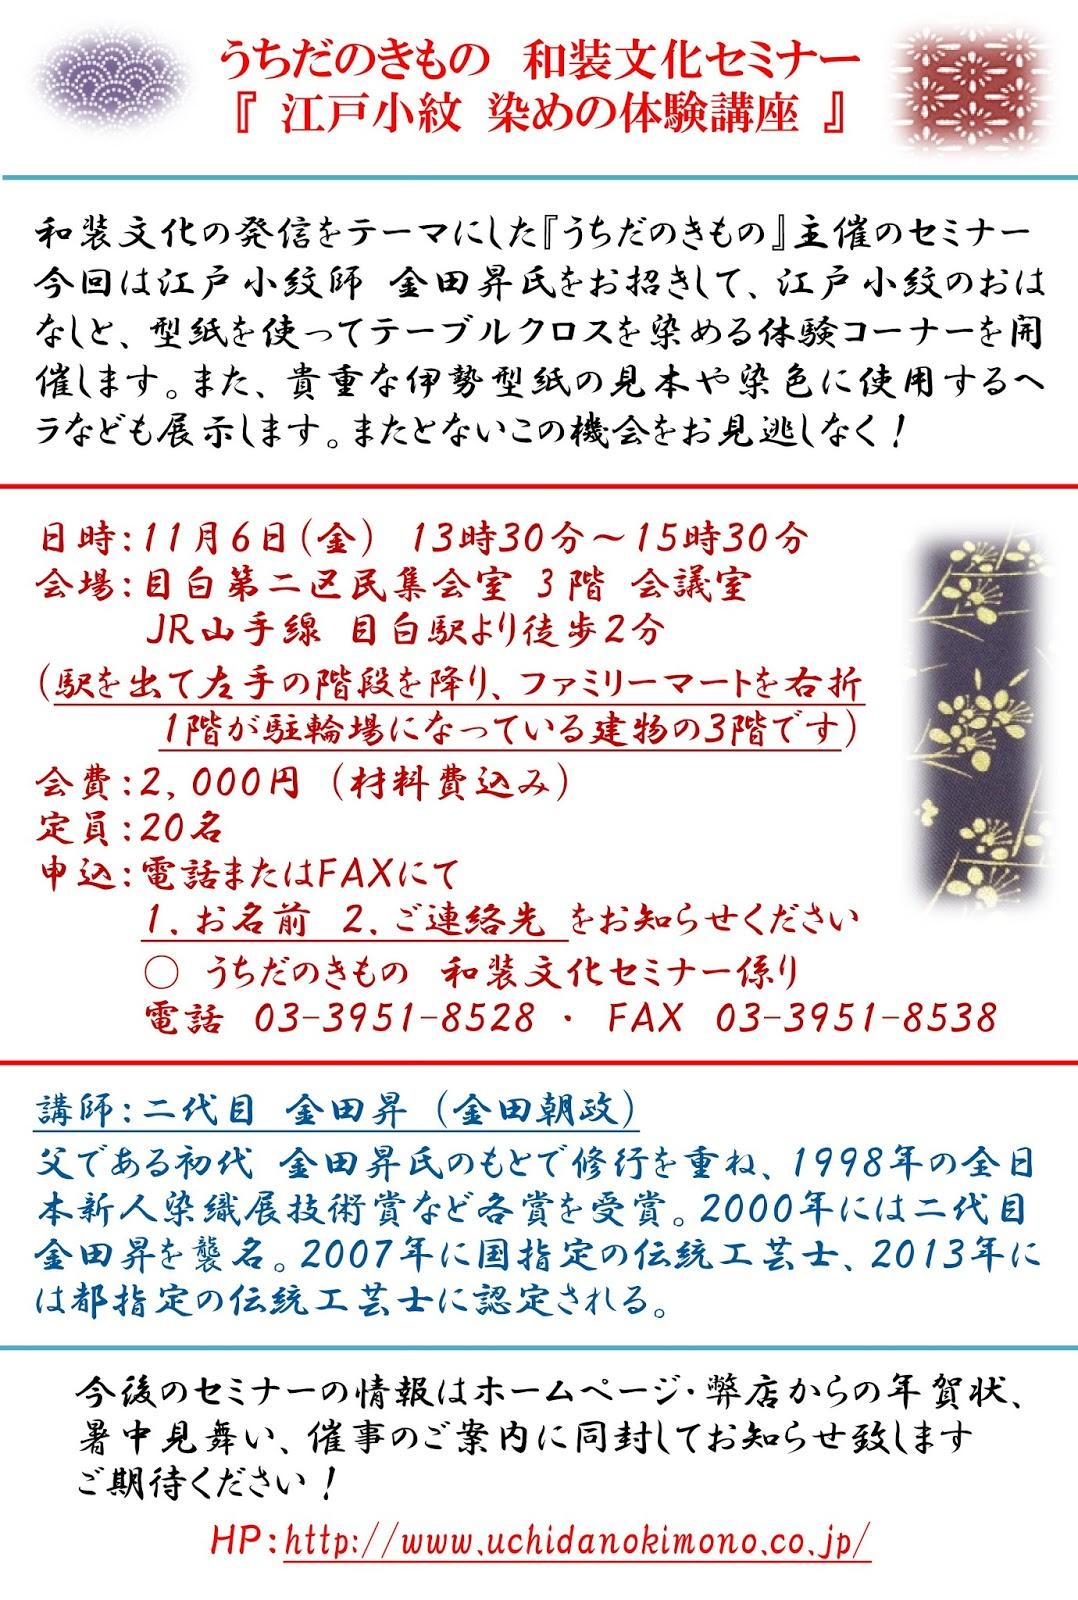 和装文化セミナー『江戸小紋 染めの体験講座』